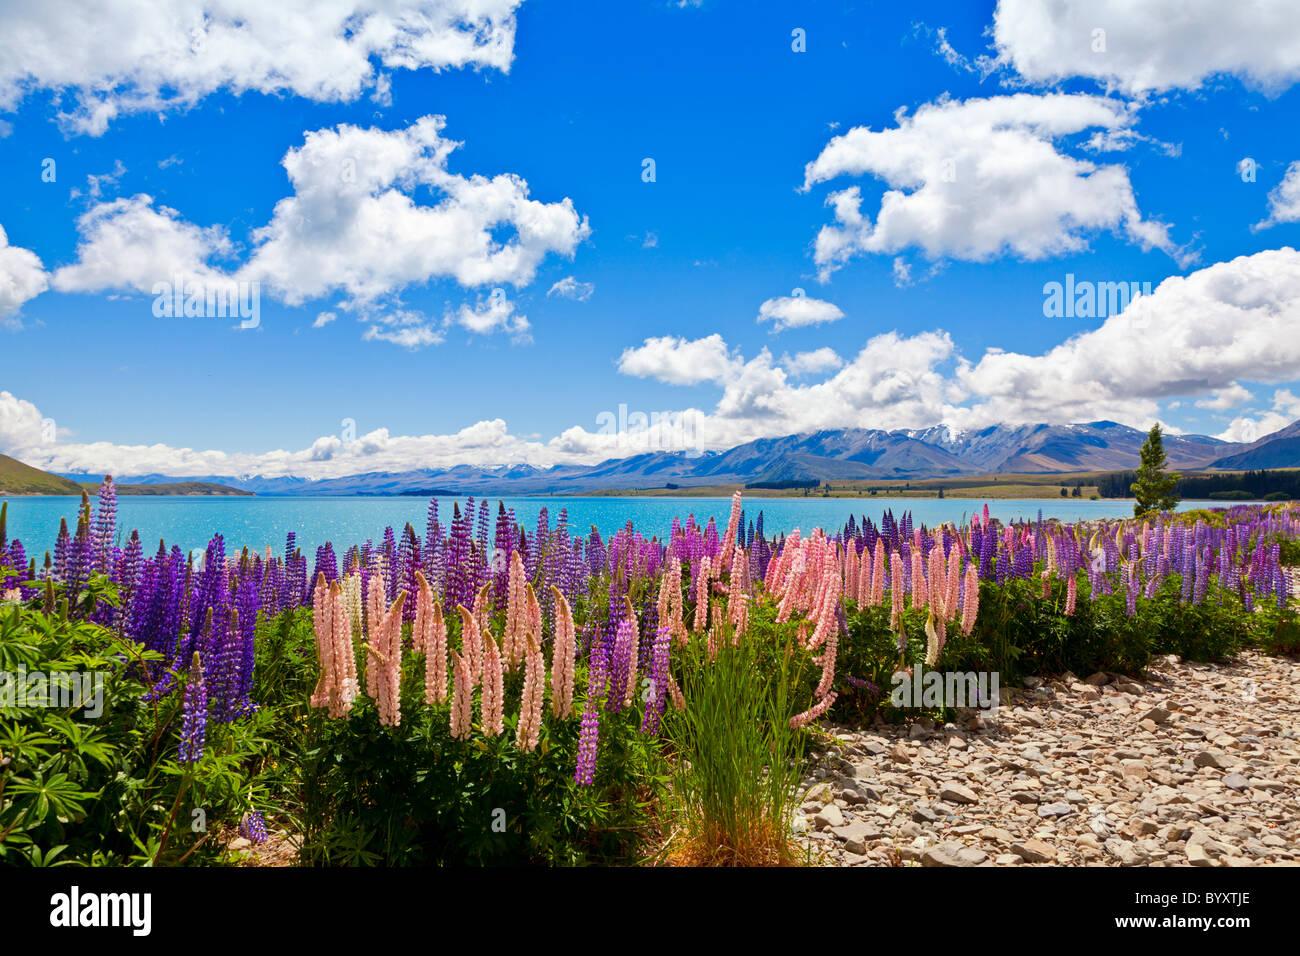 Lupin flores silvestres en la orilla del lago Tekapo en Nueva Zelanda Imagen De Stock